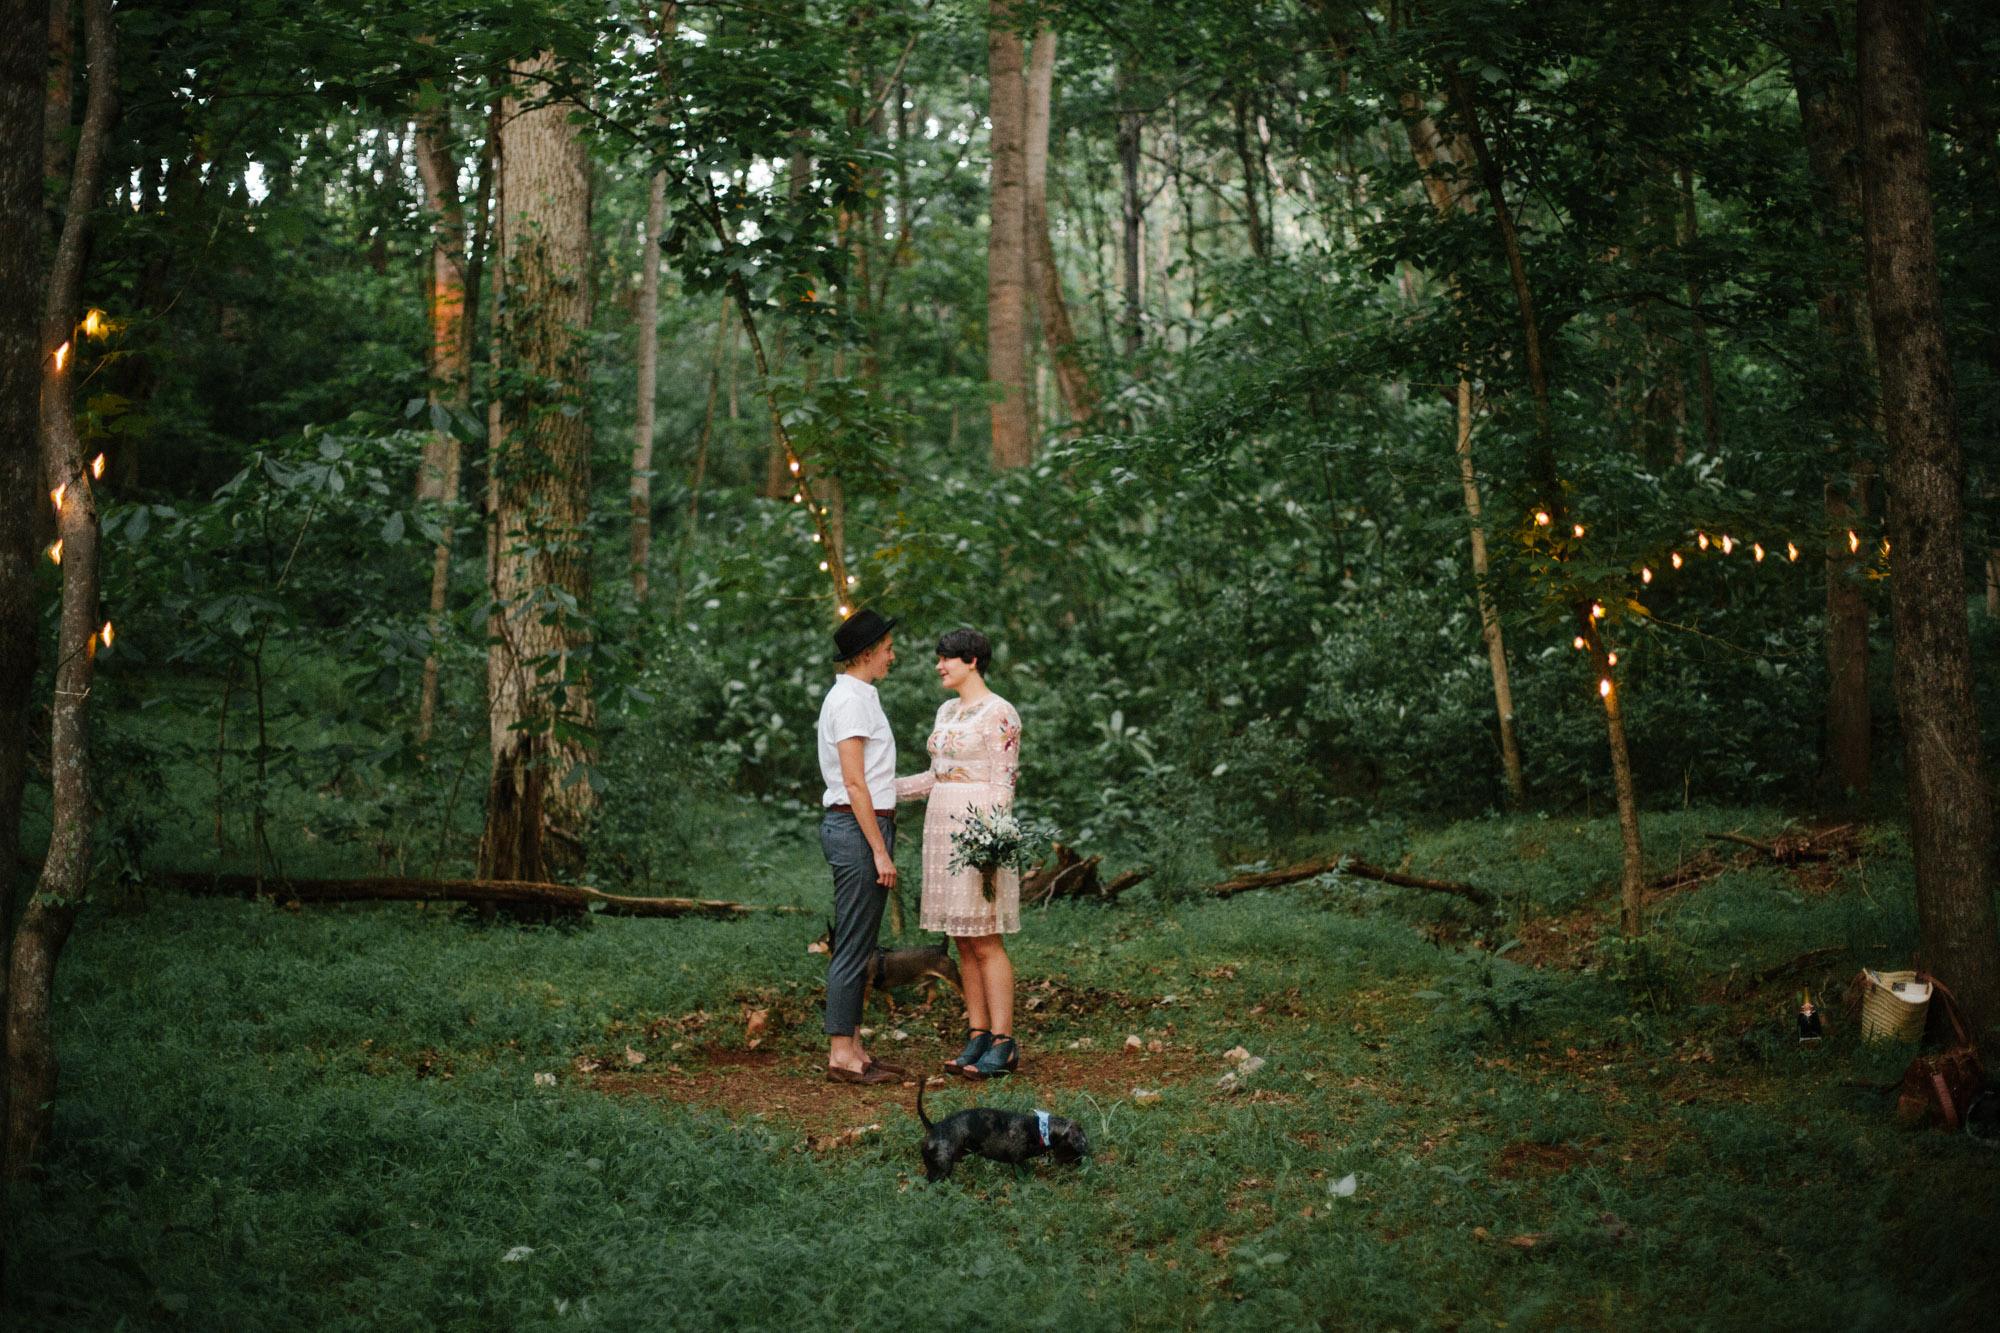 SarahMattozziPhotography-Elopement-CharlottesvilleVA-28.jpg